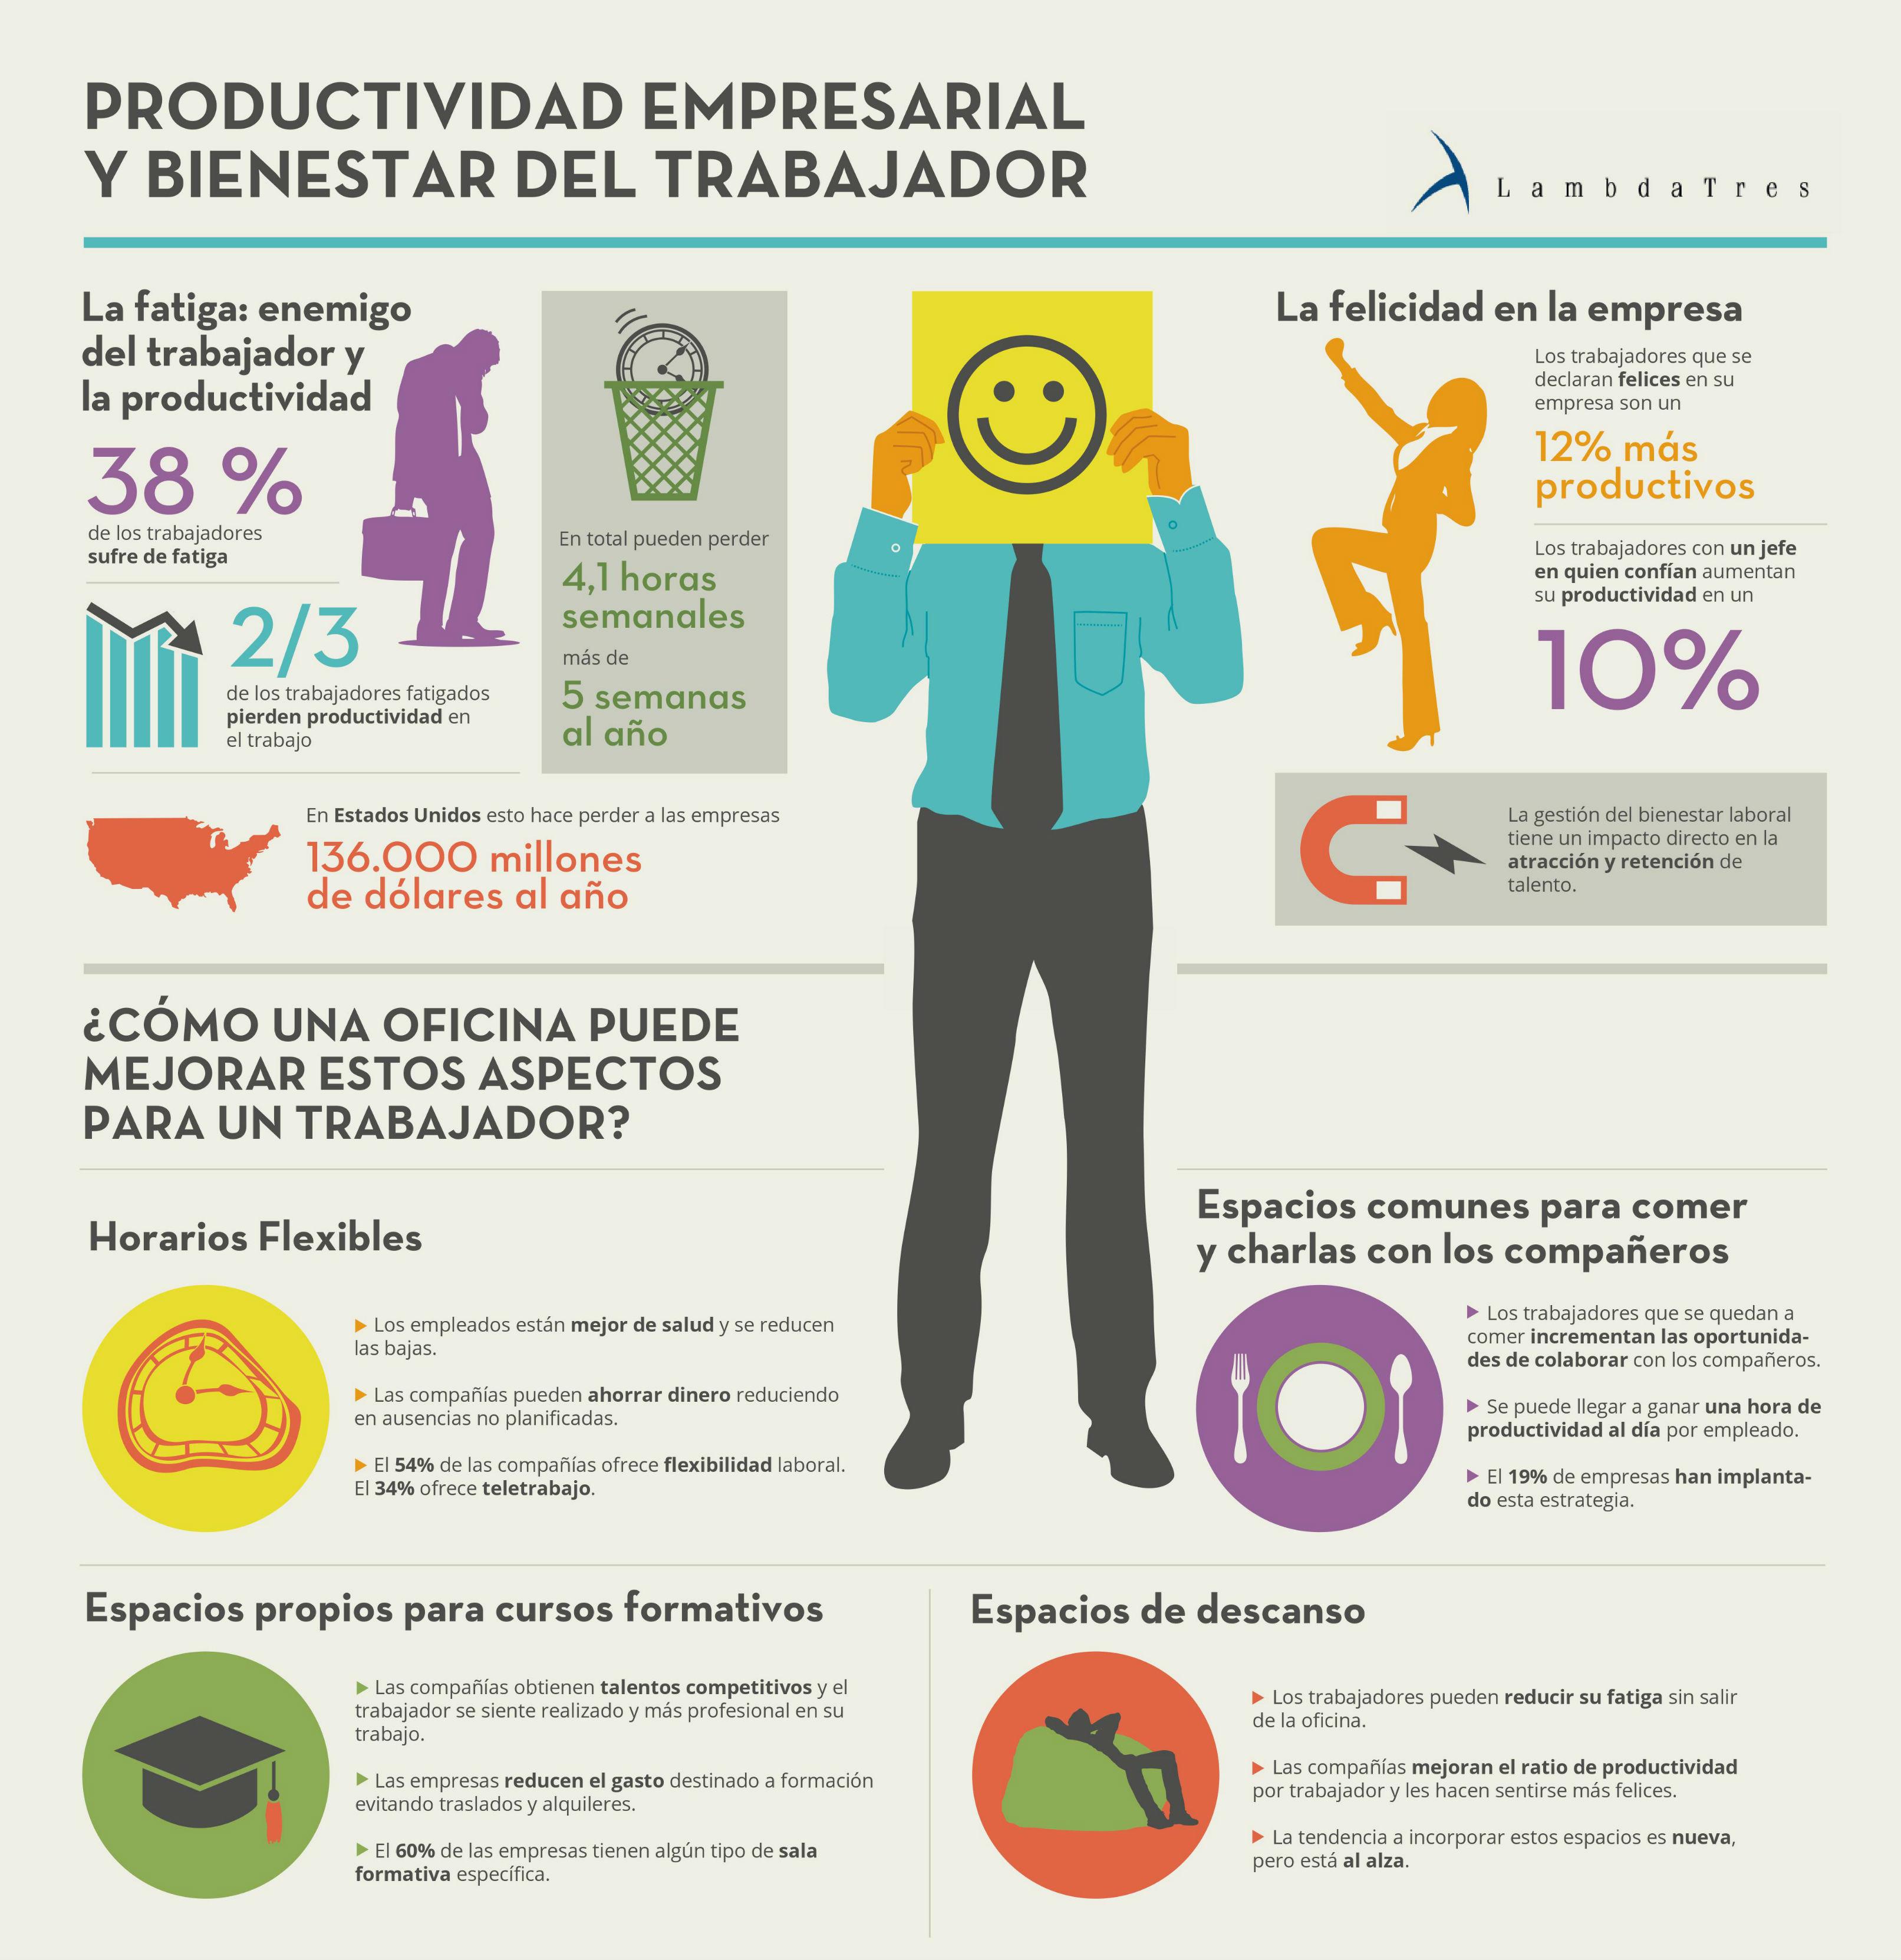 Infografia productividad empresarial y bienestar del trabajador